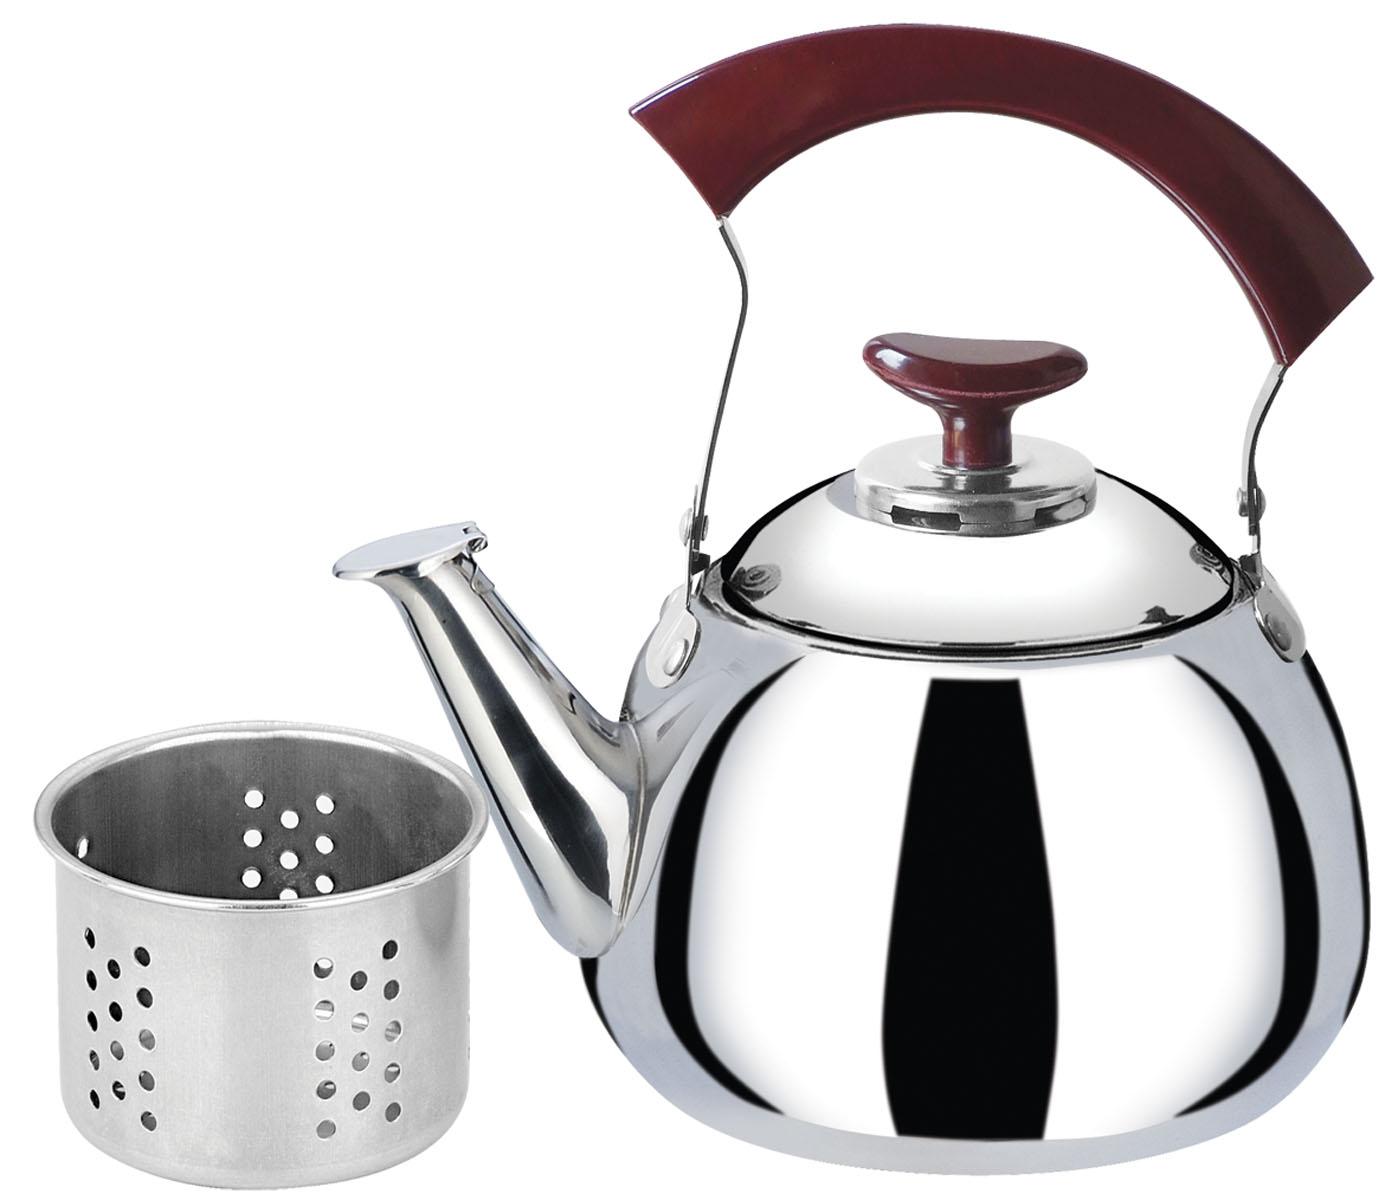 Чайник Bekker, с ситечком, 2 лBK-S508Чайник Bekker выполнен из высококачественной нержавеющей стали, что обеспечивает долговечность использования. Внешнее зеркальное покрытие придает приятный внешний вид. Бакелитовая ручка делает использование чайника очень удобным и безопасным. Чайник снабжен ситечком для заваривания. Можно мыть в посудомоечной машине. Пригоден для всех видов плит, включая индукционные.